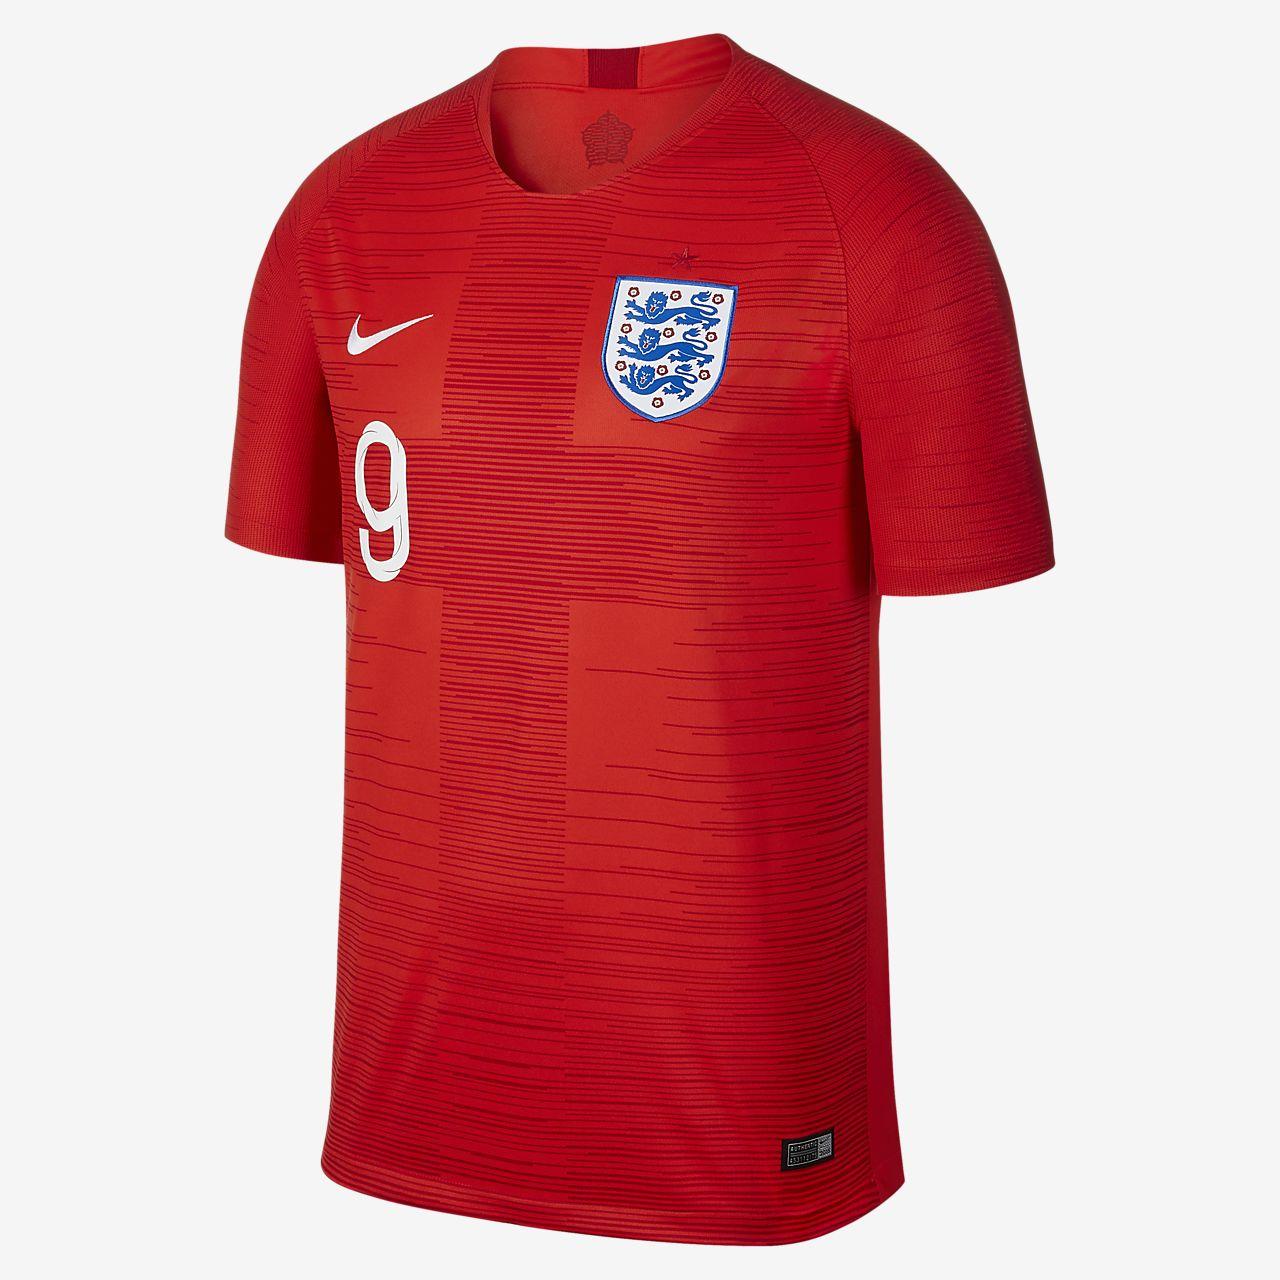 2018 赛季英格兰队客场男子足球球迷服